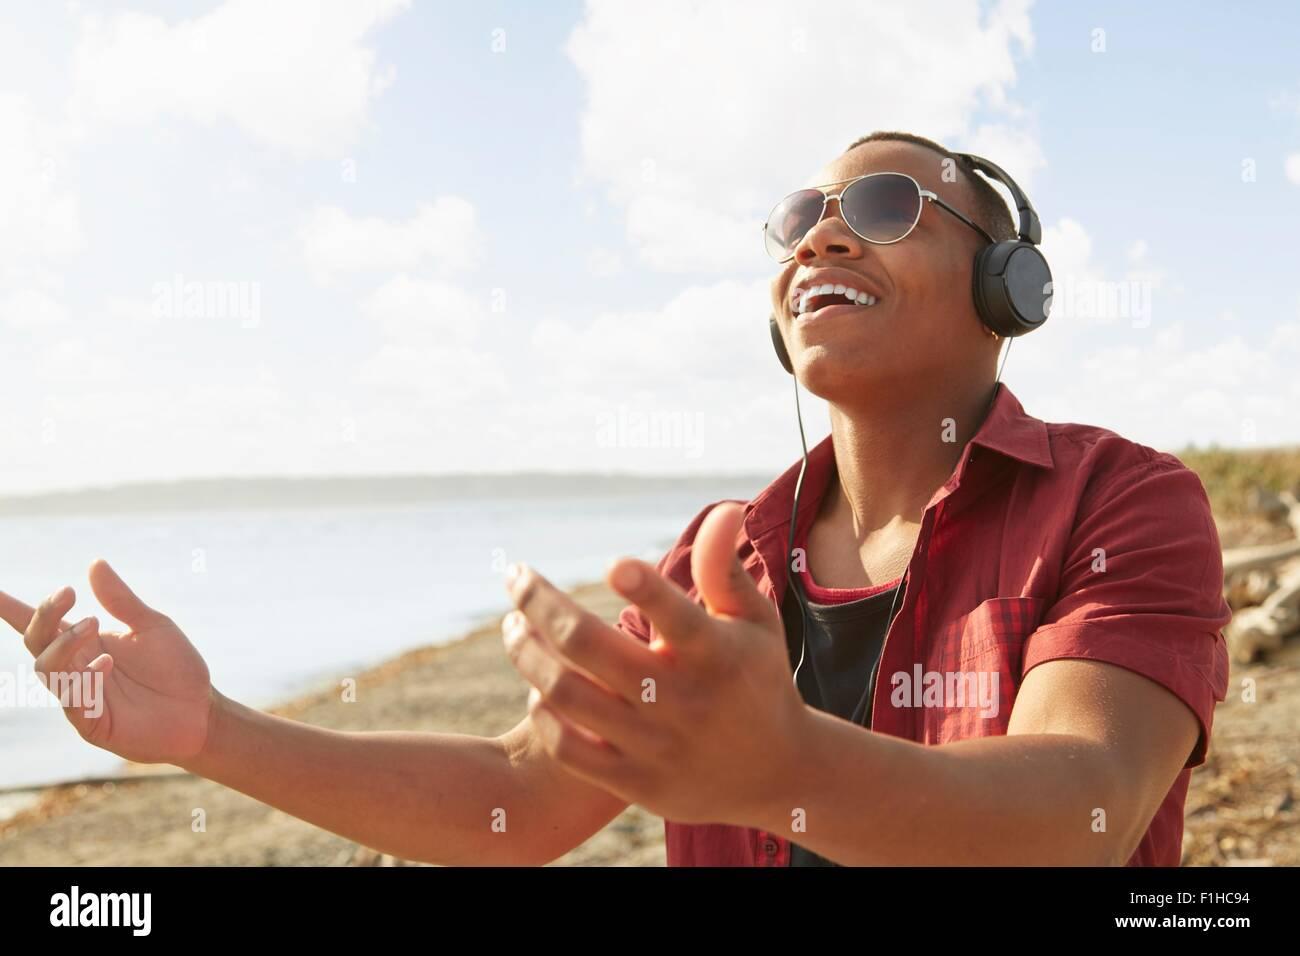 Joven en la playa usando audífonos y gafas de sol, los brazos levantados Imagen De Stock